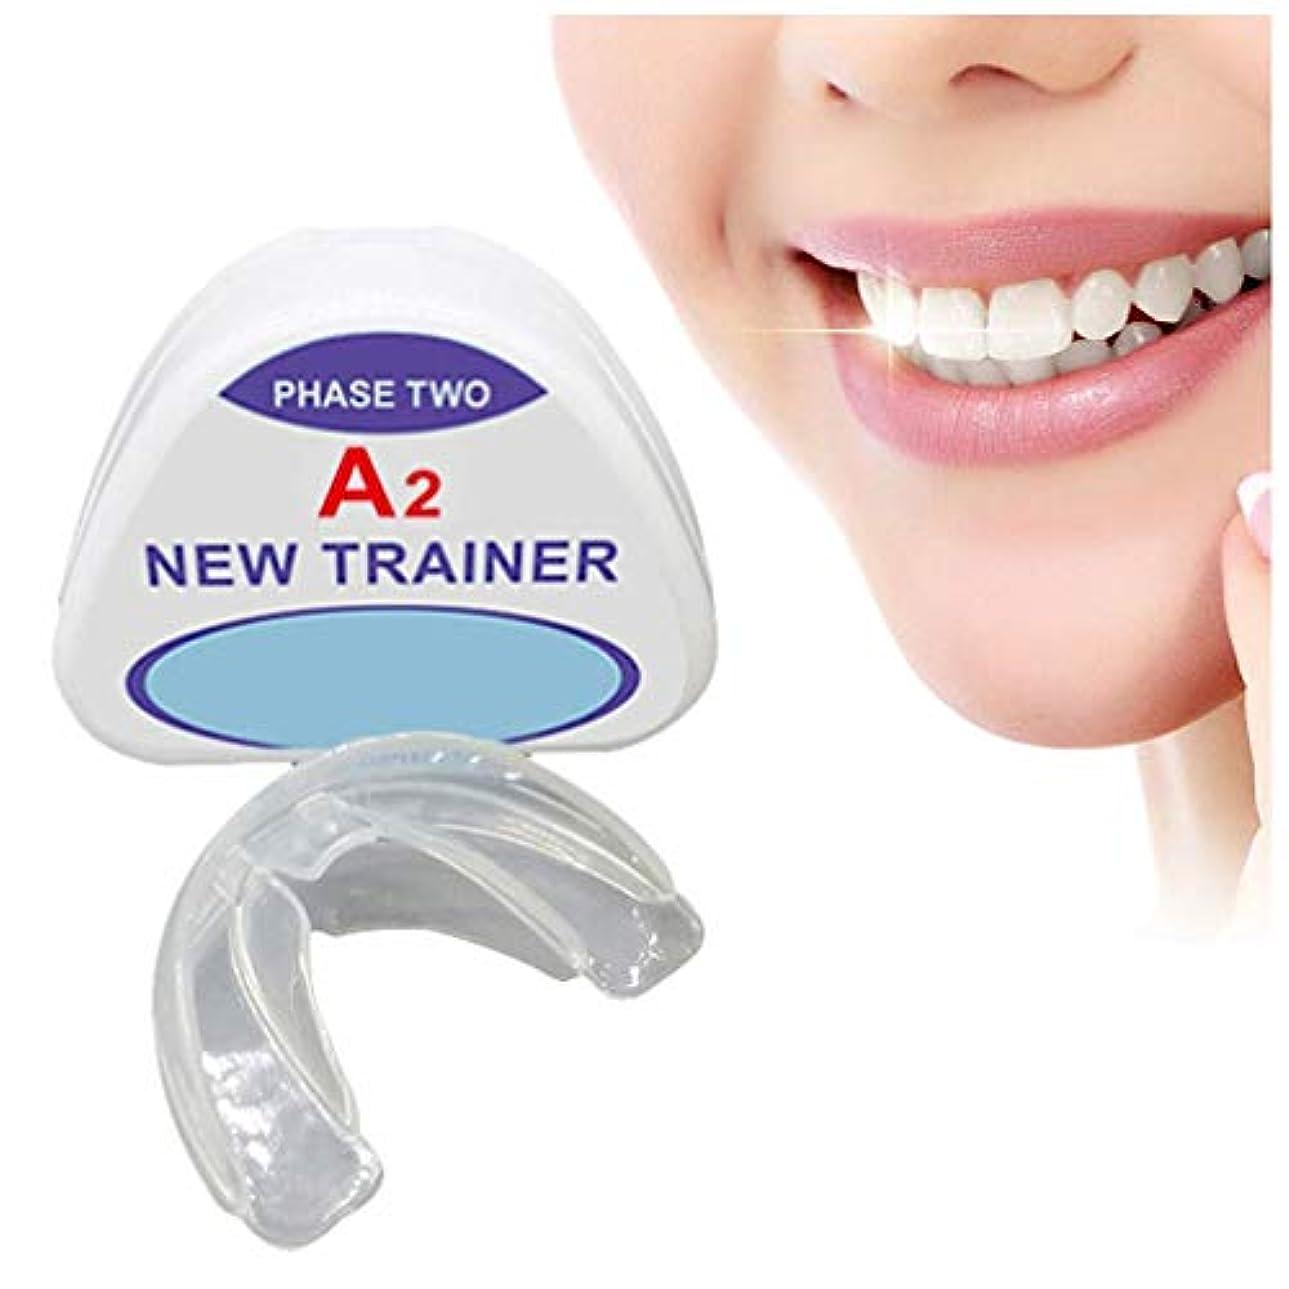 実行する極端な持続的歯列矯正トレーナーリテーナー、歯科用マウスガード歯列矯正器具、歯用器具夜予防臼歯ブレース